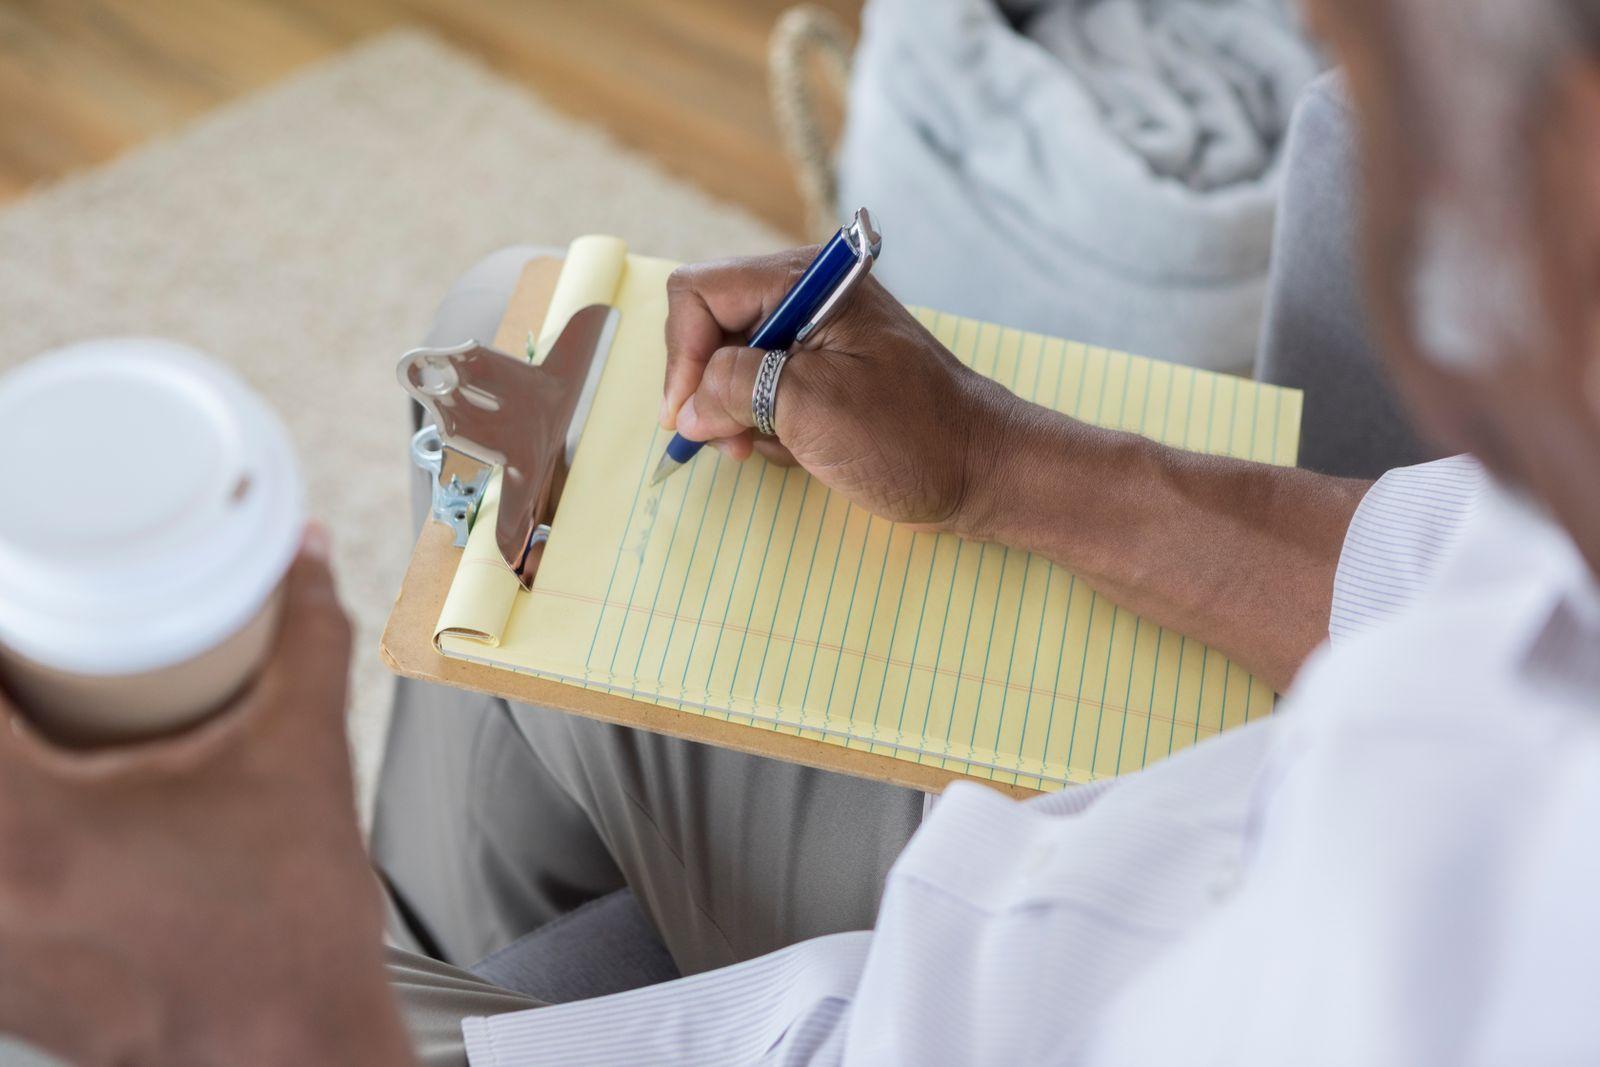 homme écrivant une liste sur un bloc-notes avec un café dans la main